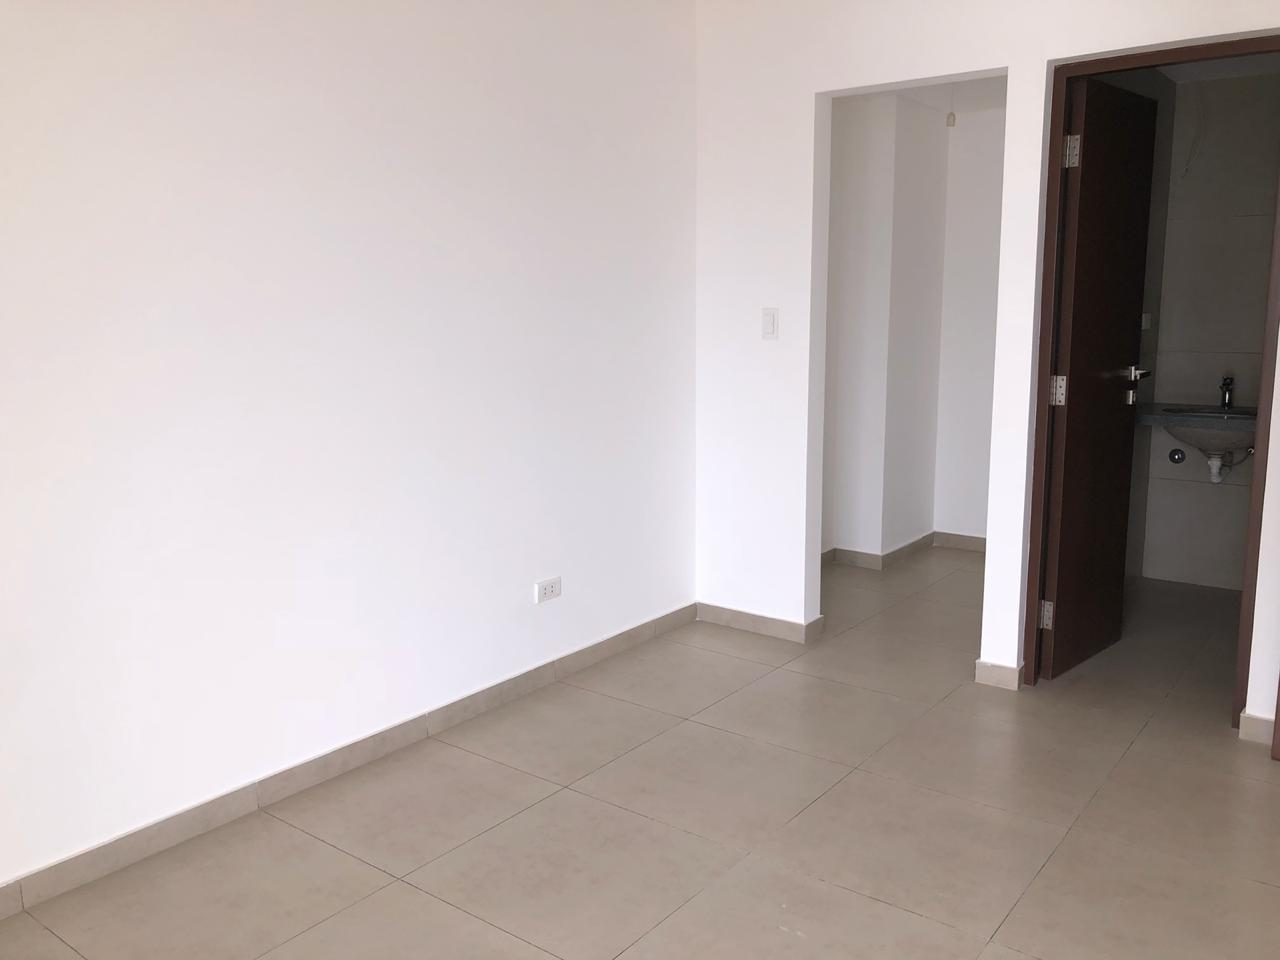 Departamento en Venta DEPARTAMENTO EN VENTA, CONDOMINIO PANORAMA CONCEPTS. Foto 5